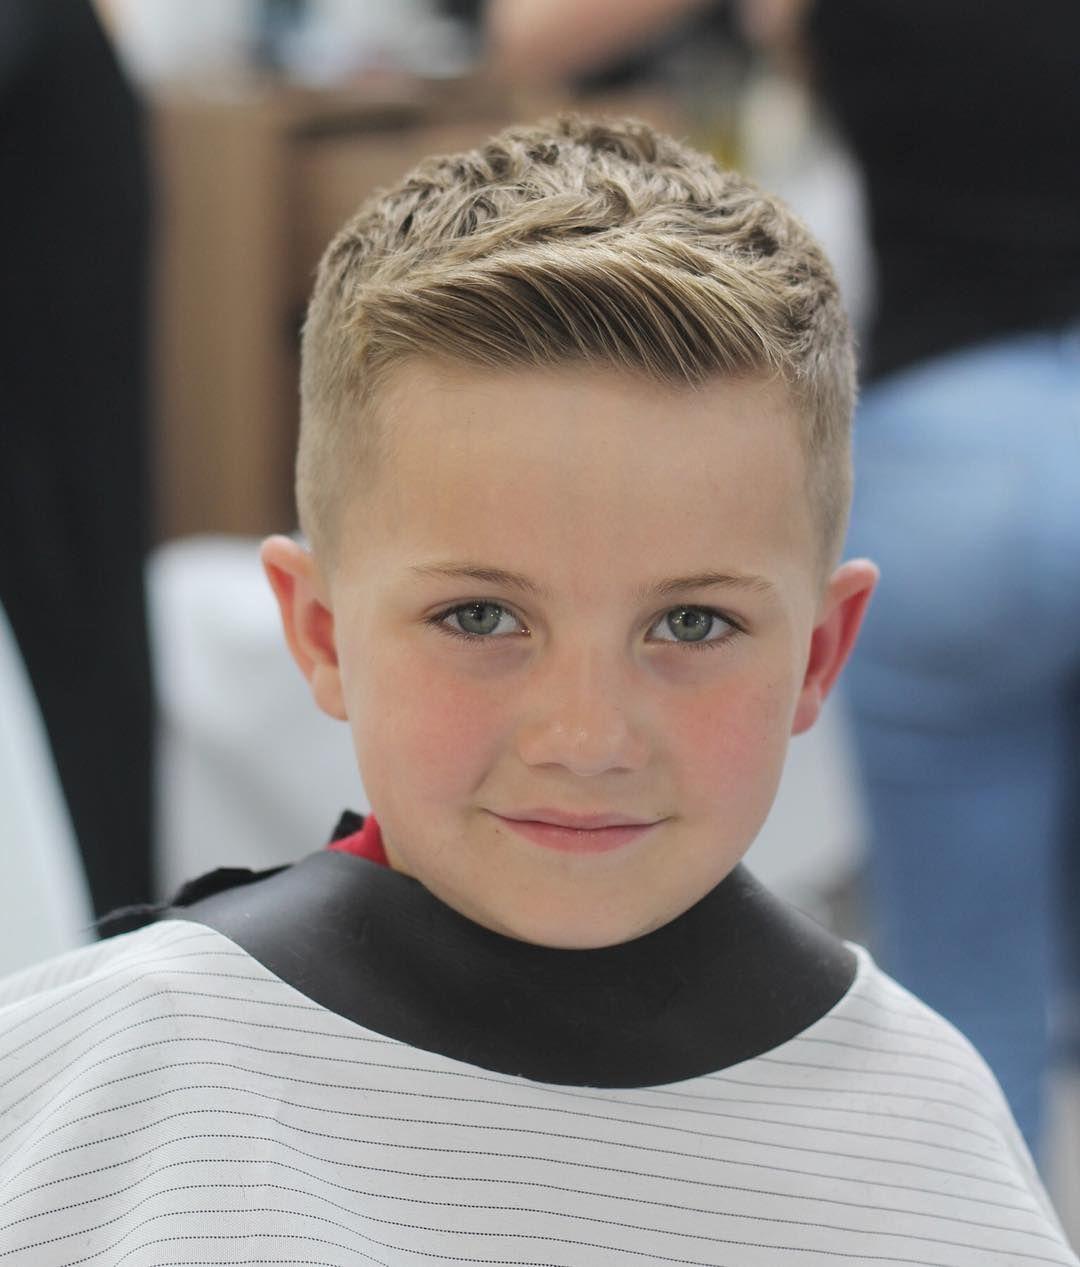 Boy haircuts 2018 frisuren  junge männer  ha  pinterest  hair cuts boy